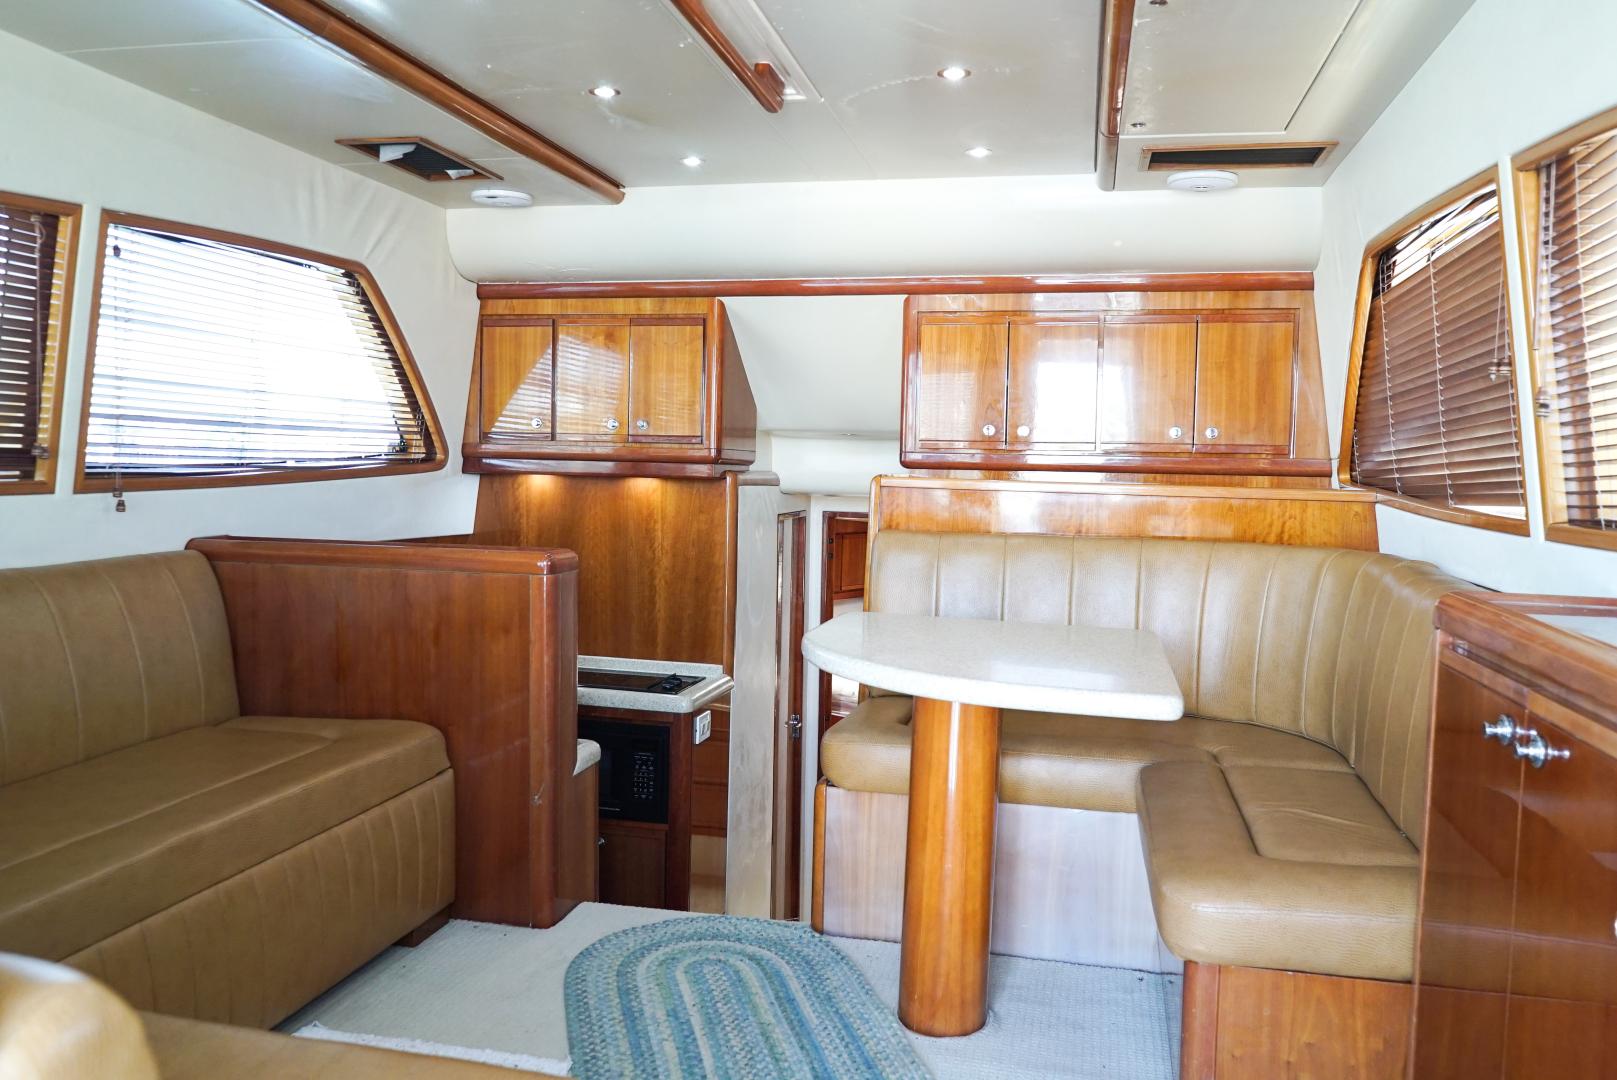 Bertram-39 Convertible 2002-Witts End Hitchcock-Texas-United States-Bertram 39 Convertible 2002 Witts End-1561665 | Thumbnail